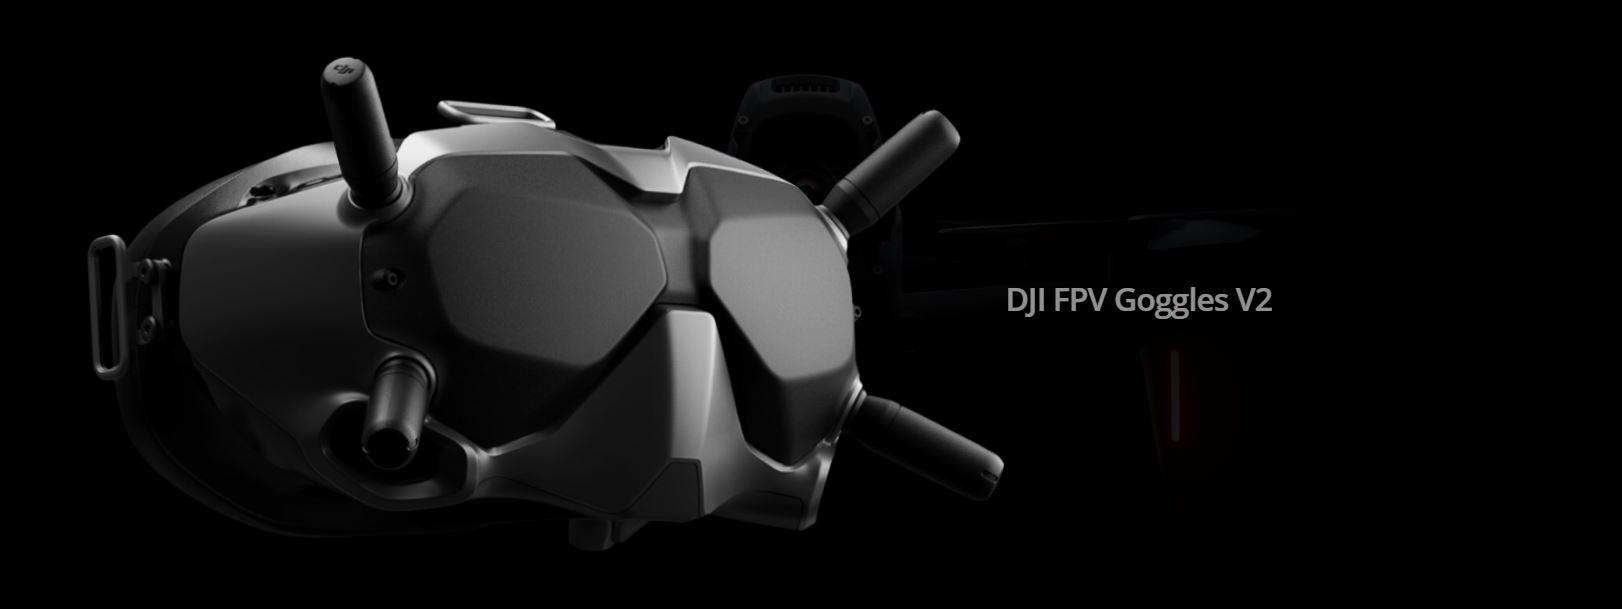 Casque DJI FPV V2